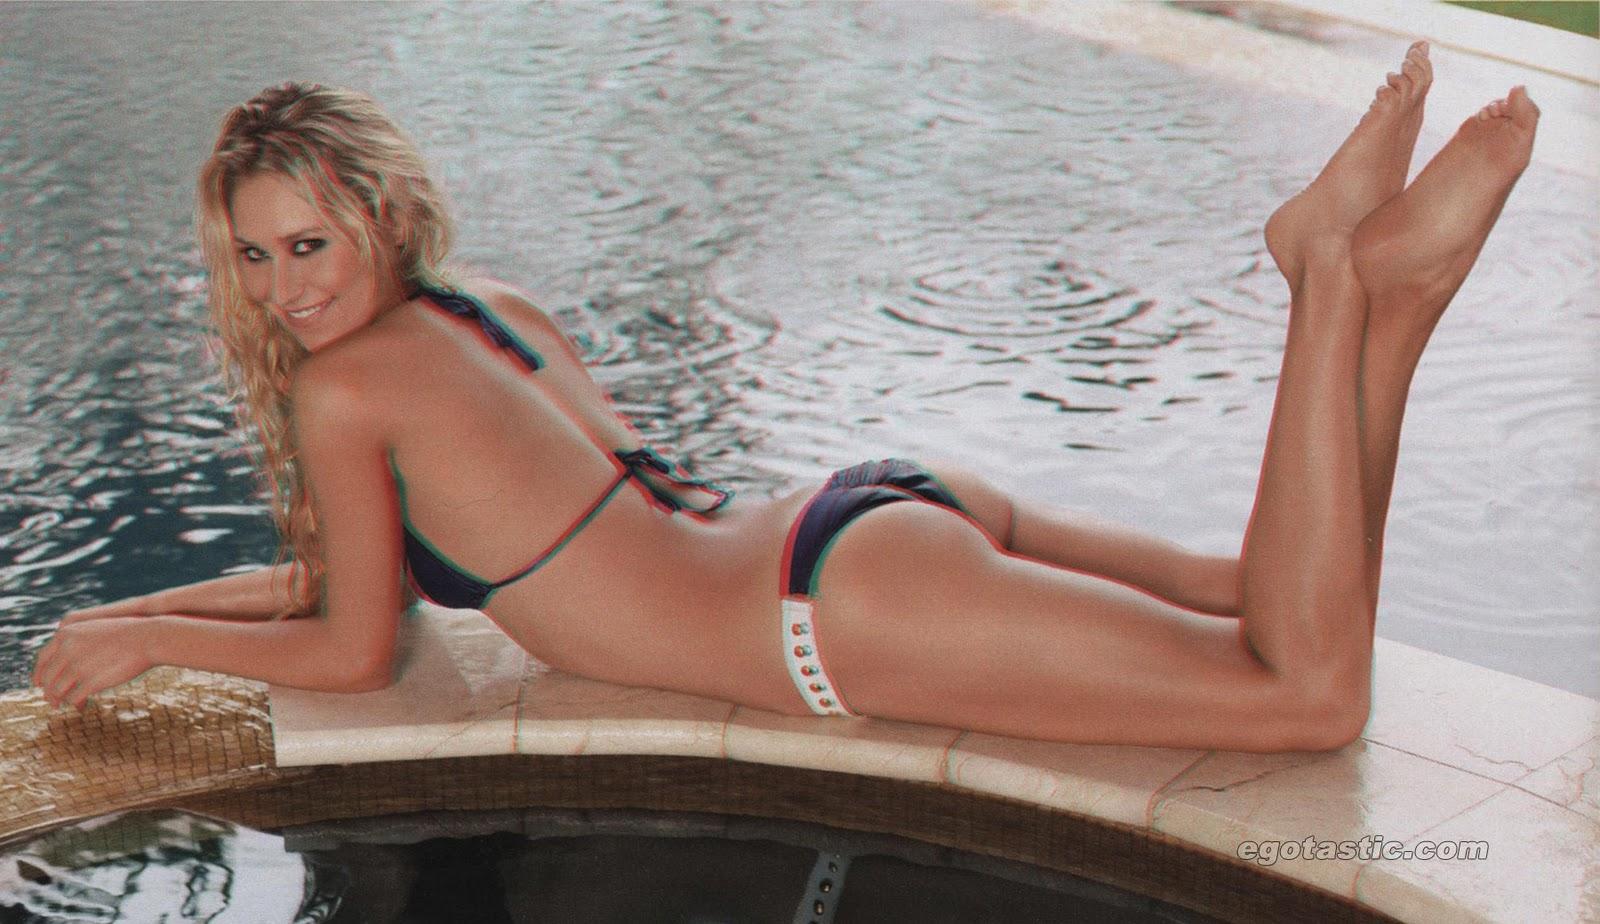 anna kournikova bikini bottoms